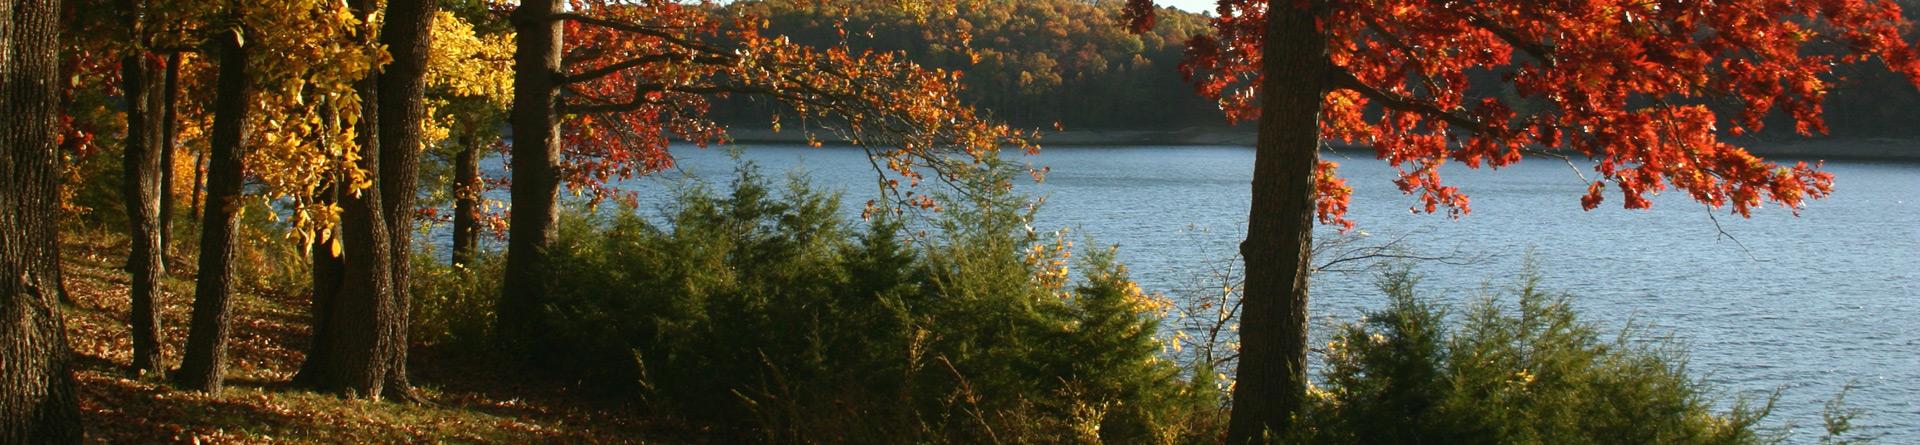 Tablerock Lake, Missouri